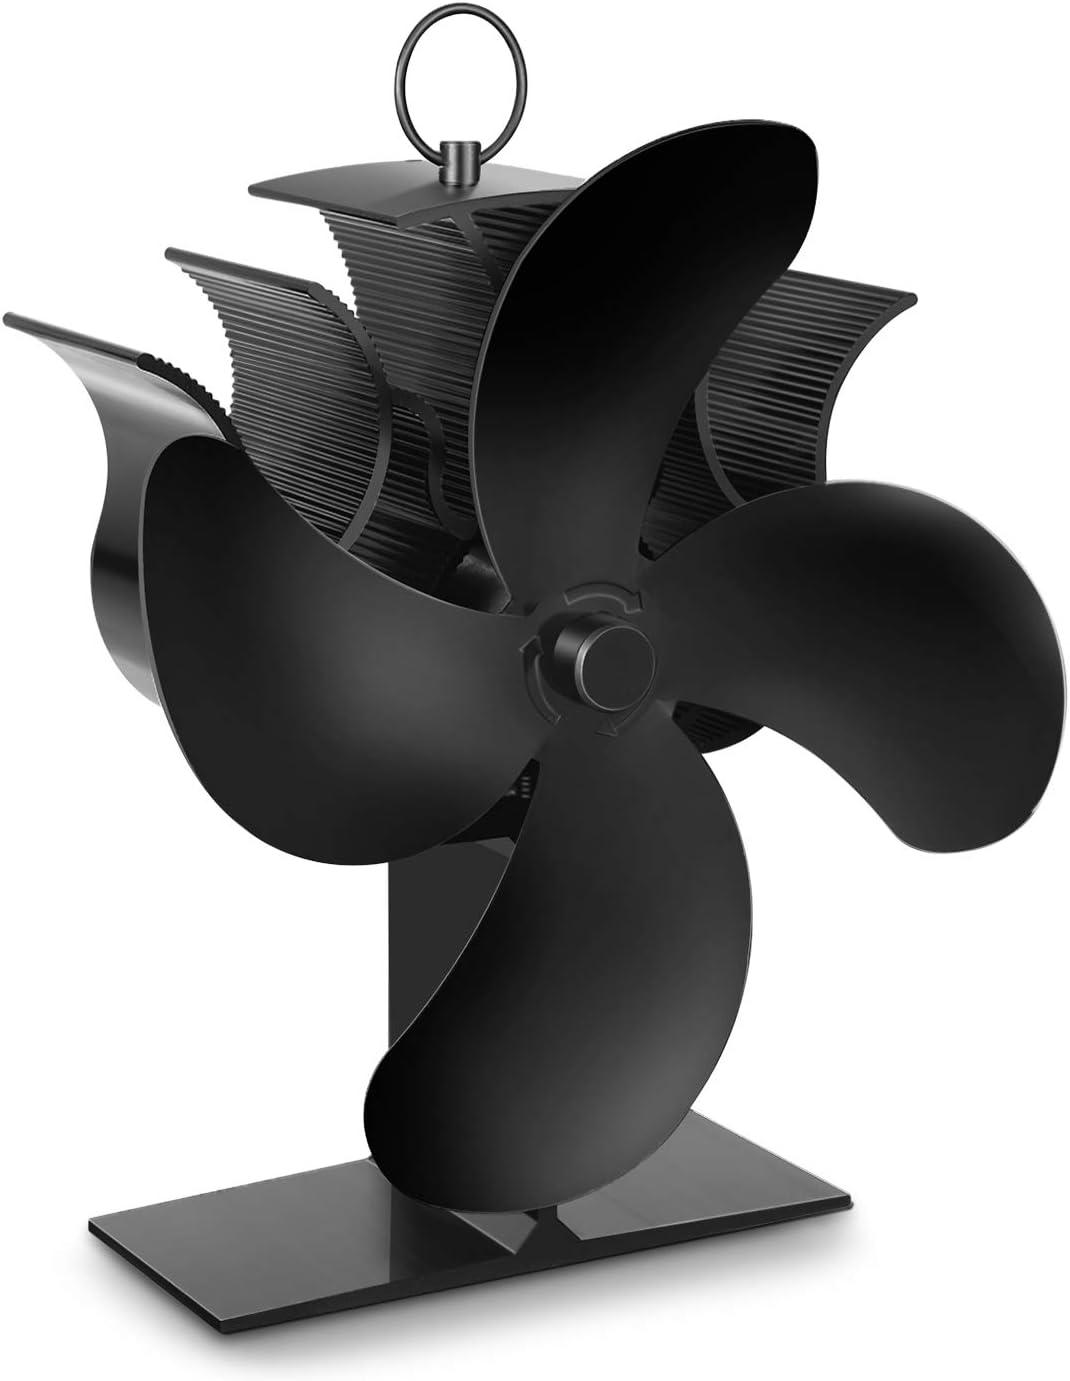 Ventilador de Estufa PAIPU, Ventilador de Chimenea con Termómetro, 35-45S Inicio Rápido y Cuatro Veces la Velocidad de Circulación del Aire, Para Estufas, Estufas de Leña y Chimeneas